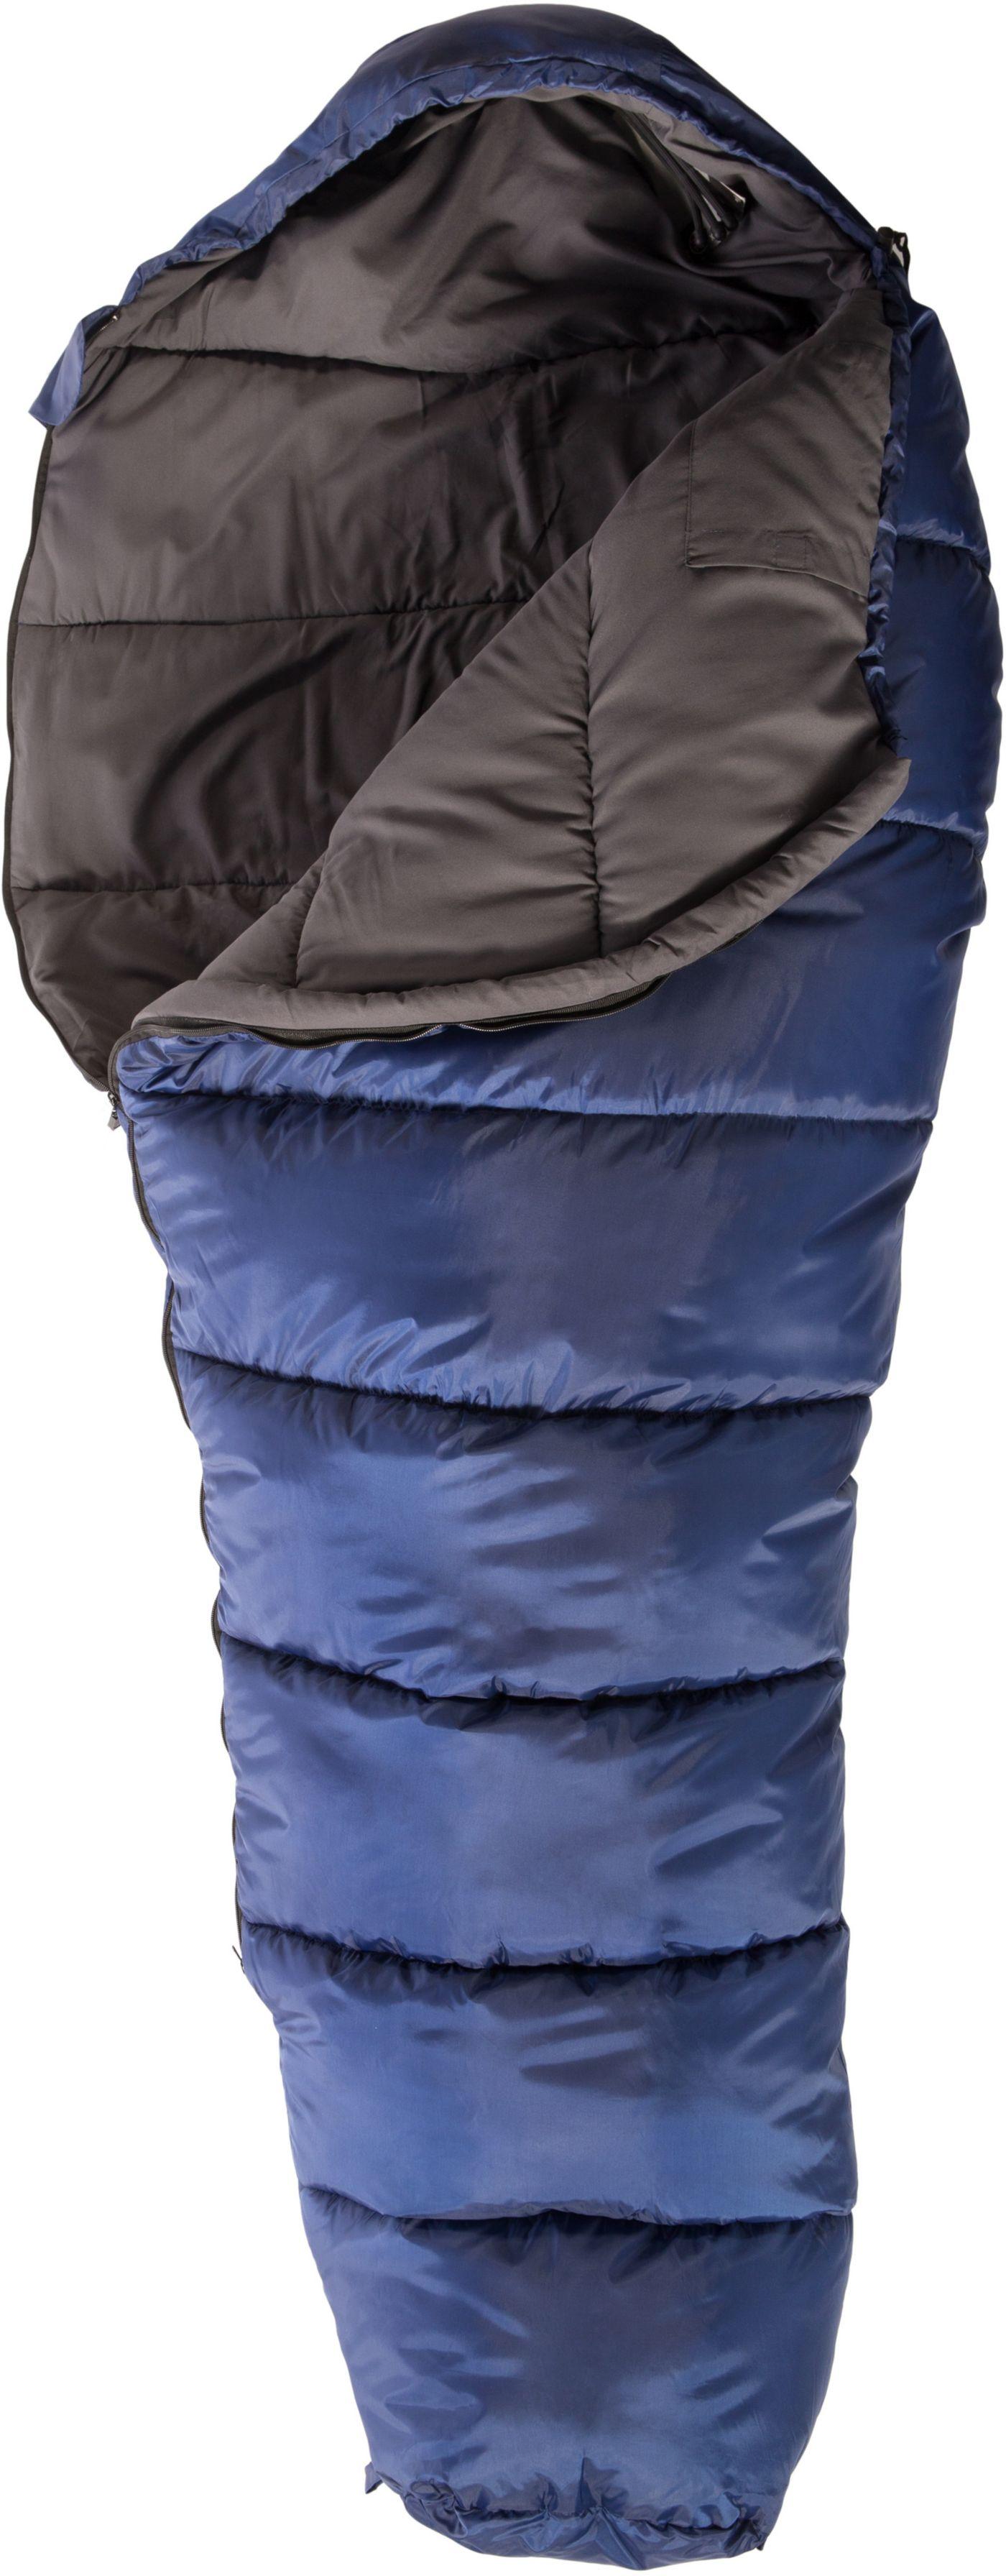 Kamp-Rite Cascade 20° Mummy Sleeping Bag